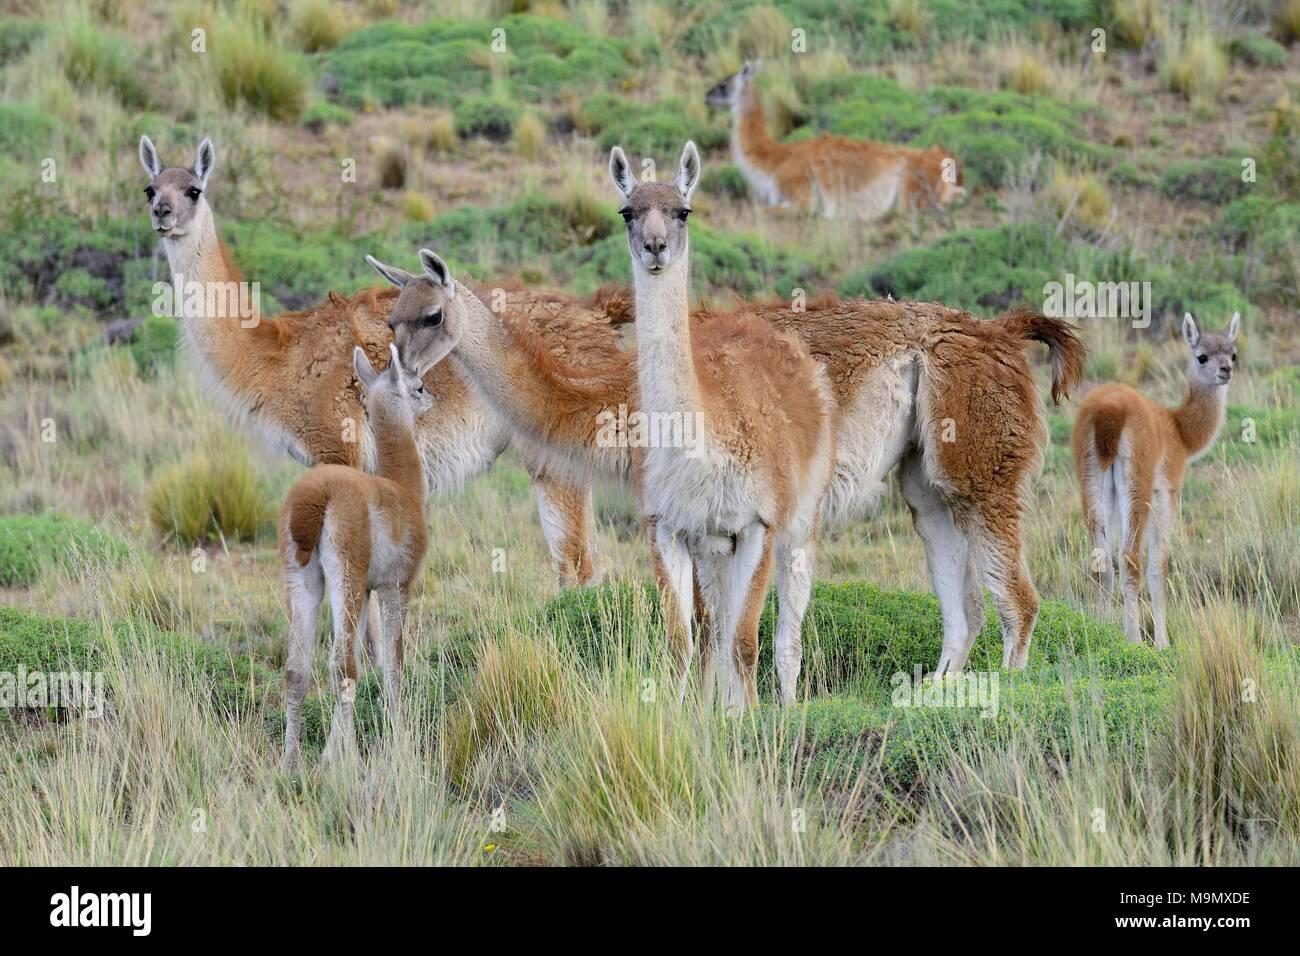 Manadas de guanacos (Lama guanicoe) con animales jóvenes, Valle Chacabuco, Región de Aysén, Chile Imagen De Stock